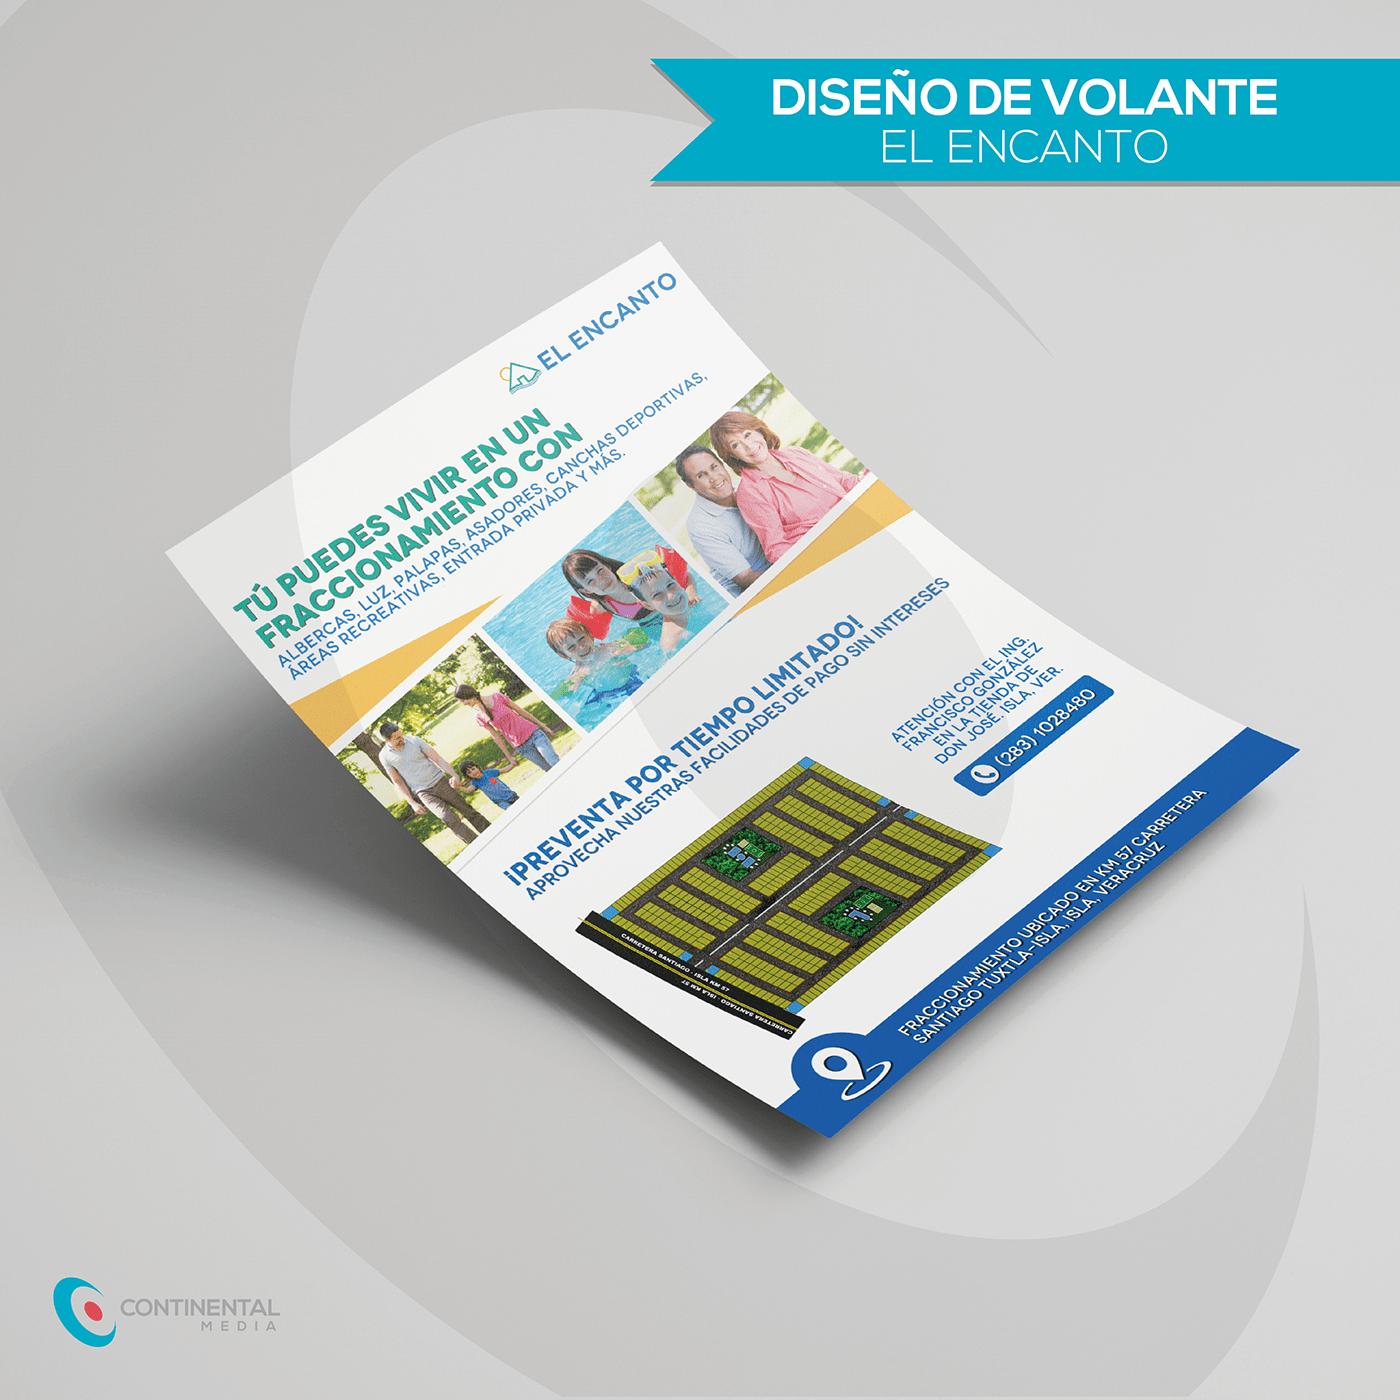 Catálogos de producto certificados Estampas flyers LApiceros Publicitarios Manteletas TEND CARDS volantes